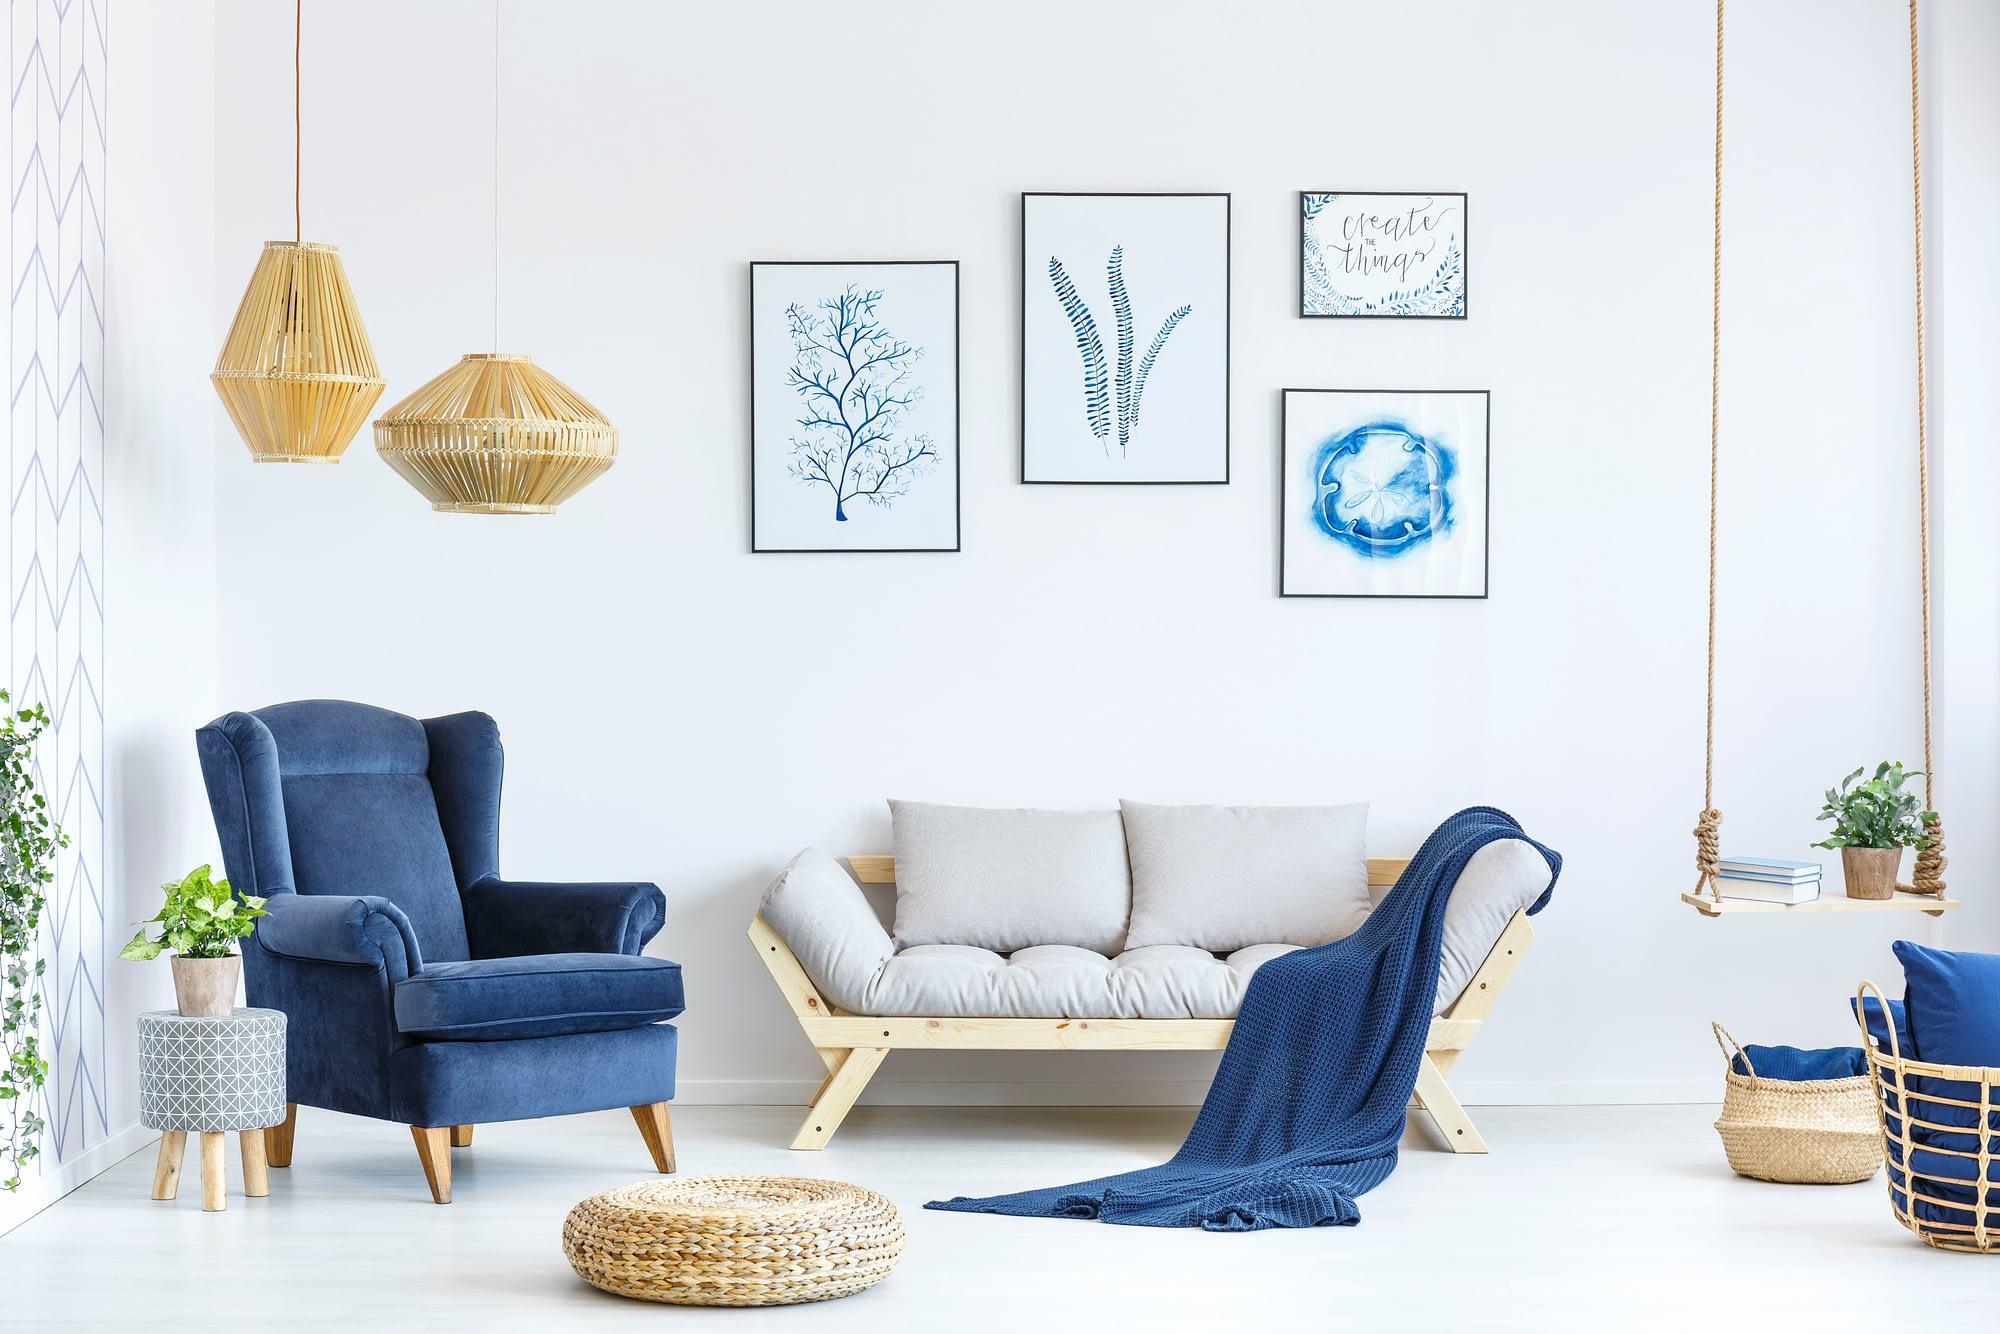 Salon bleu et crème, matériaux bois et osier. Salon employant des matériaux naturels et chaleureux tel que le bois et l'osier et utilisant la profondeur du bleu pour contrebalancer. Cette photo est représentative d'un style pouvant être réalisé par Interior CréaCap, architecte d'intérieur à Gimont